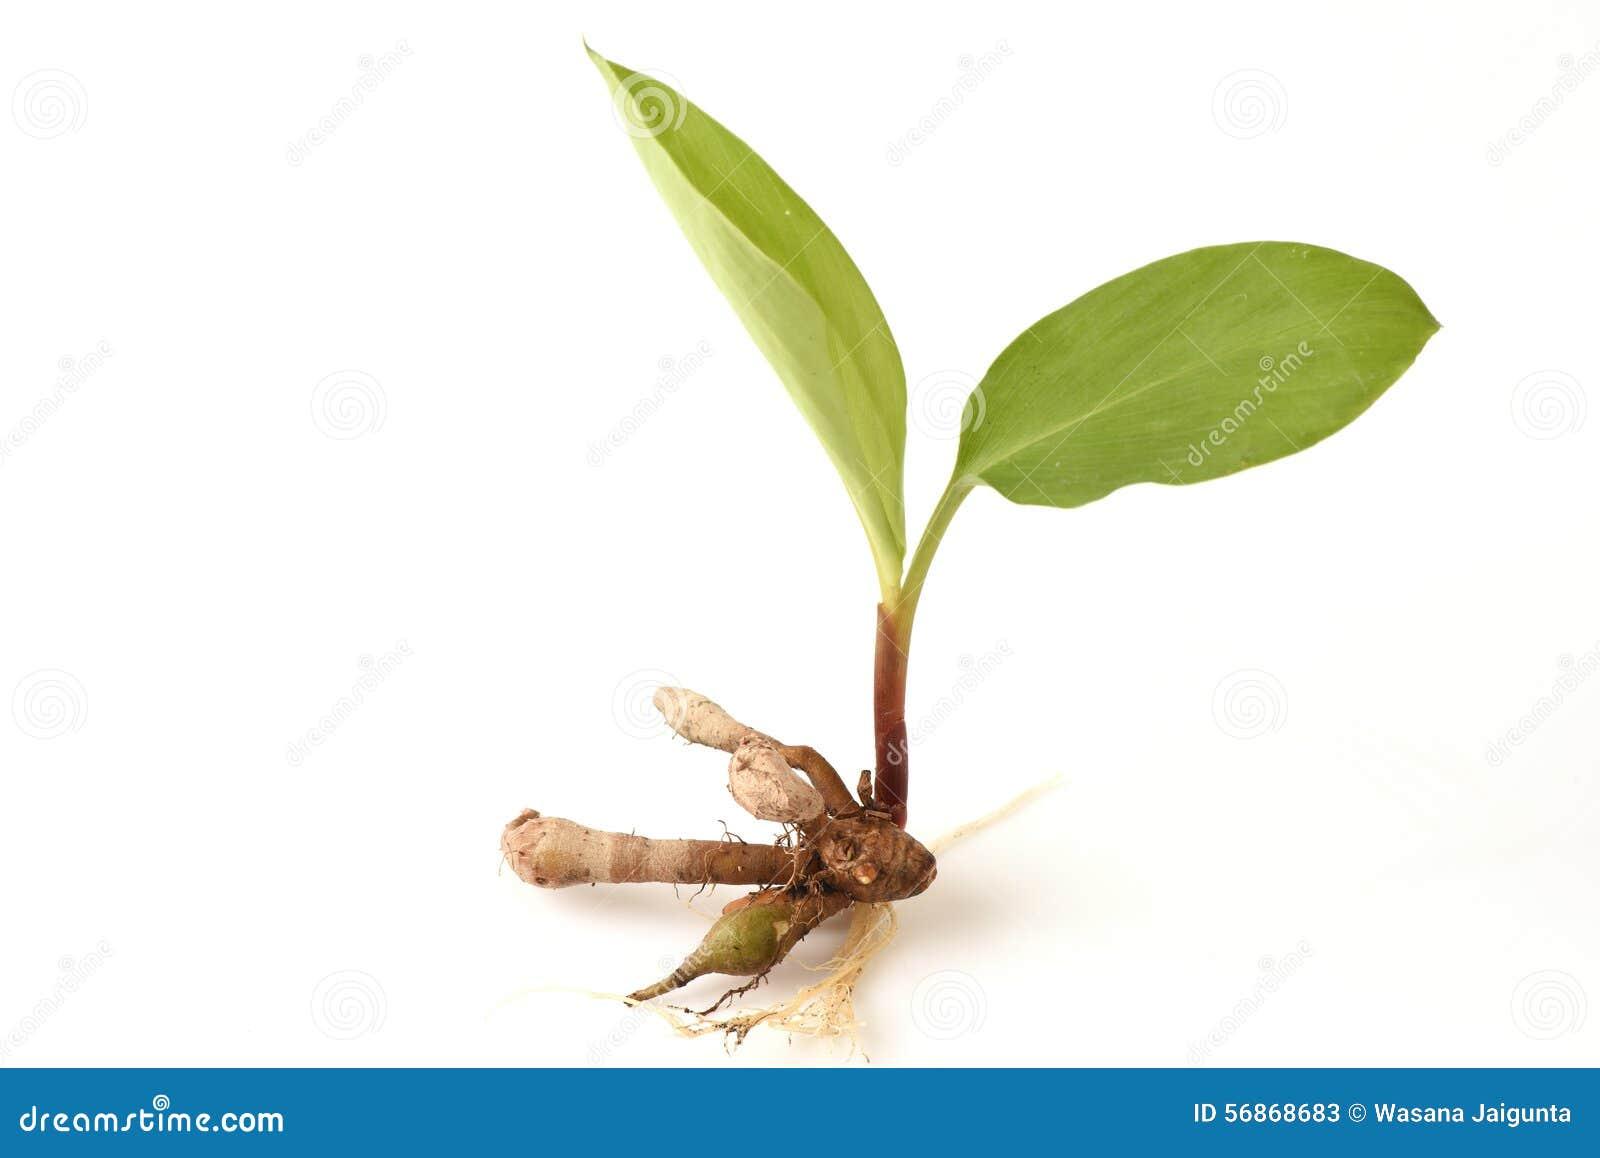 Name Root: Plai (thai Name), Cassumunar Ginger, Bengal Root Zingiber